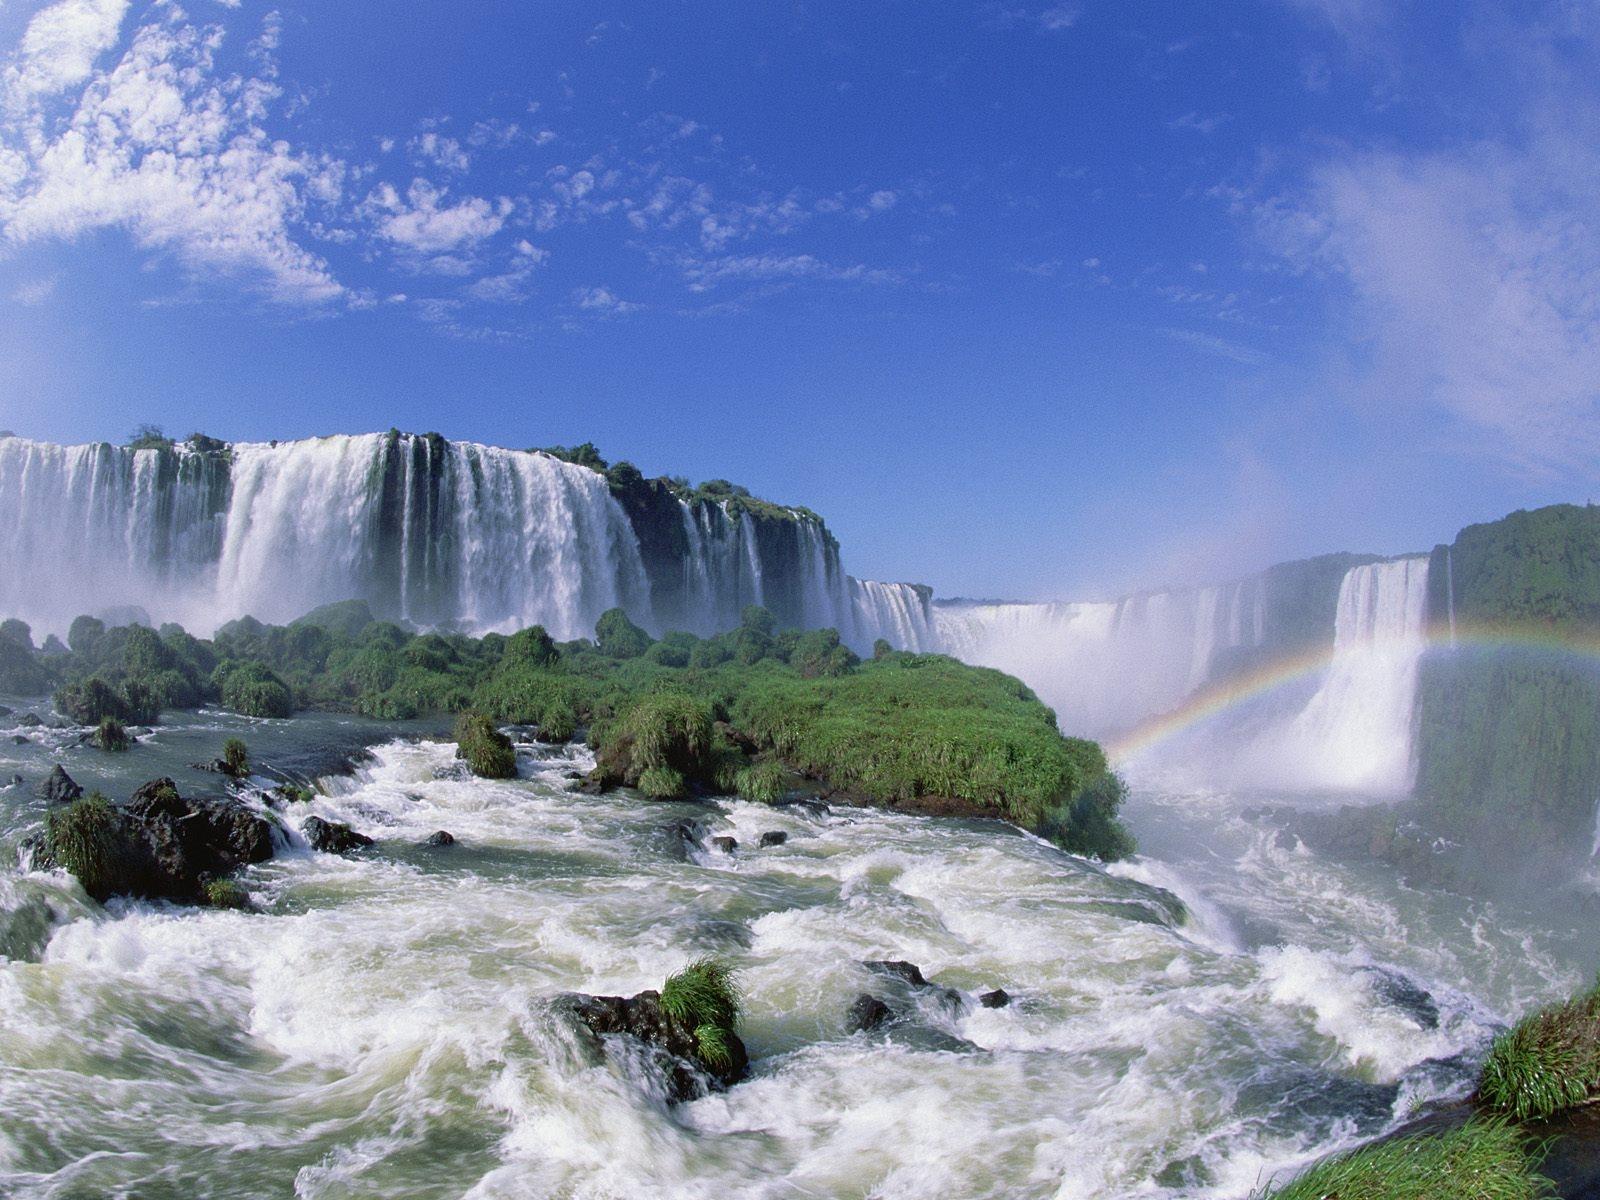 http://3.bp.blogspot.com/-N5kD6PmZKuQ/T3GQI0IuW_I/AAAAAAAAIXI/2d7nnR0dfDI/s1600/Rainbow+in+the+Mist,+Iguassu+Falls.JPG